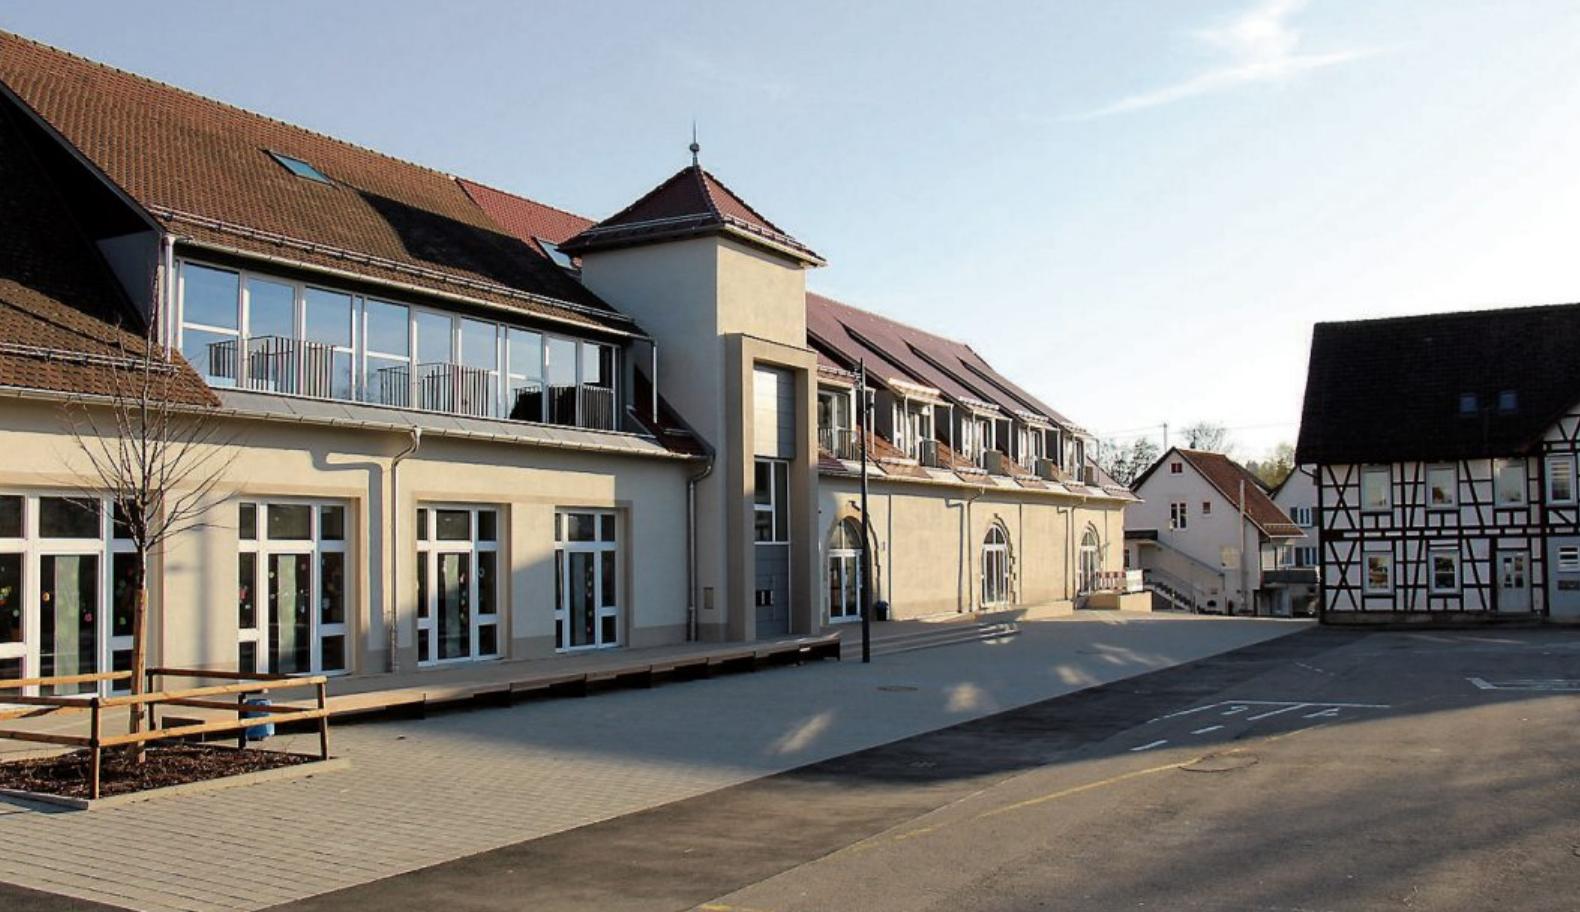 Früher Feuerwehrmagazin, jetzt befinden sich im Erdgeschoss und im ersten Obergeschoss rechts vom Turm Schulräume, im Obergeschoss links vom Turm ist der Festsaal. Bilder: Architektur-Atelier R13/Wolfgang Neichel (3) / Dagmar Hedder Landschaftsarchitektur (1)